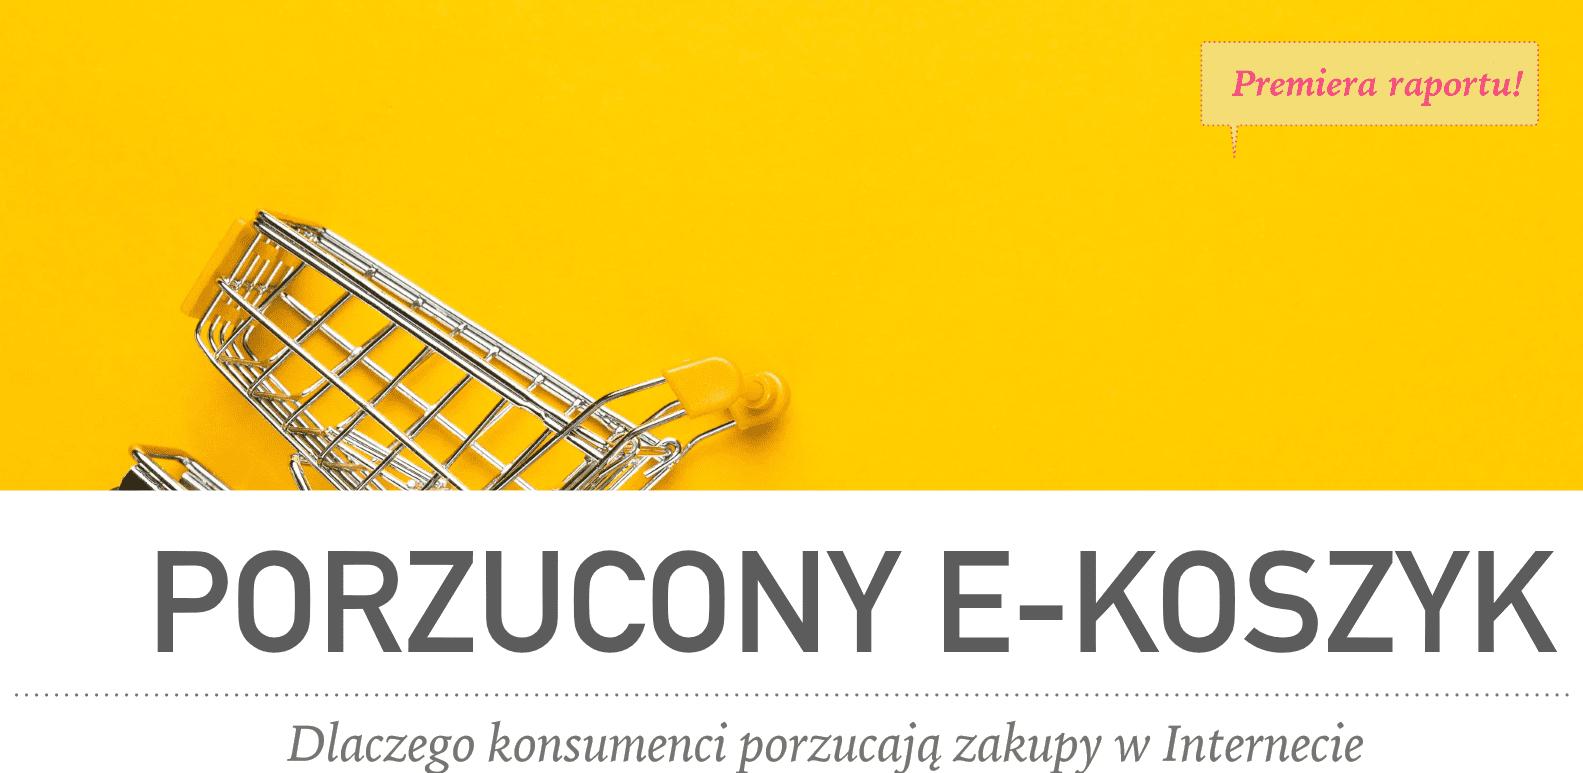 """Premiera raportu """"Porzucony e-koszyk""""."""